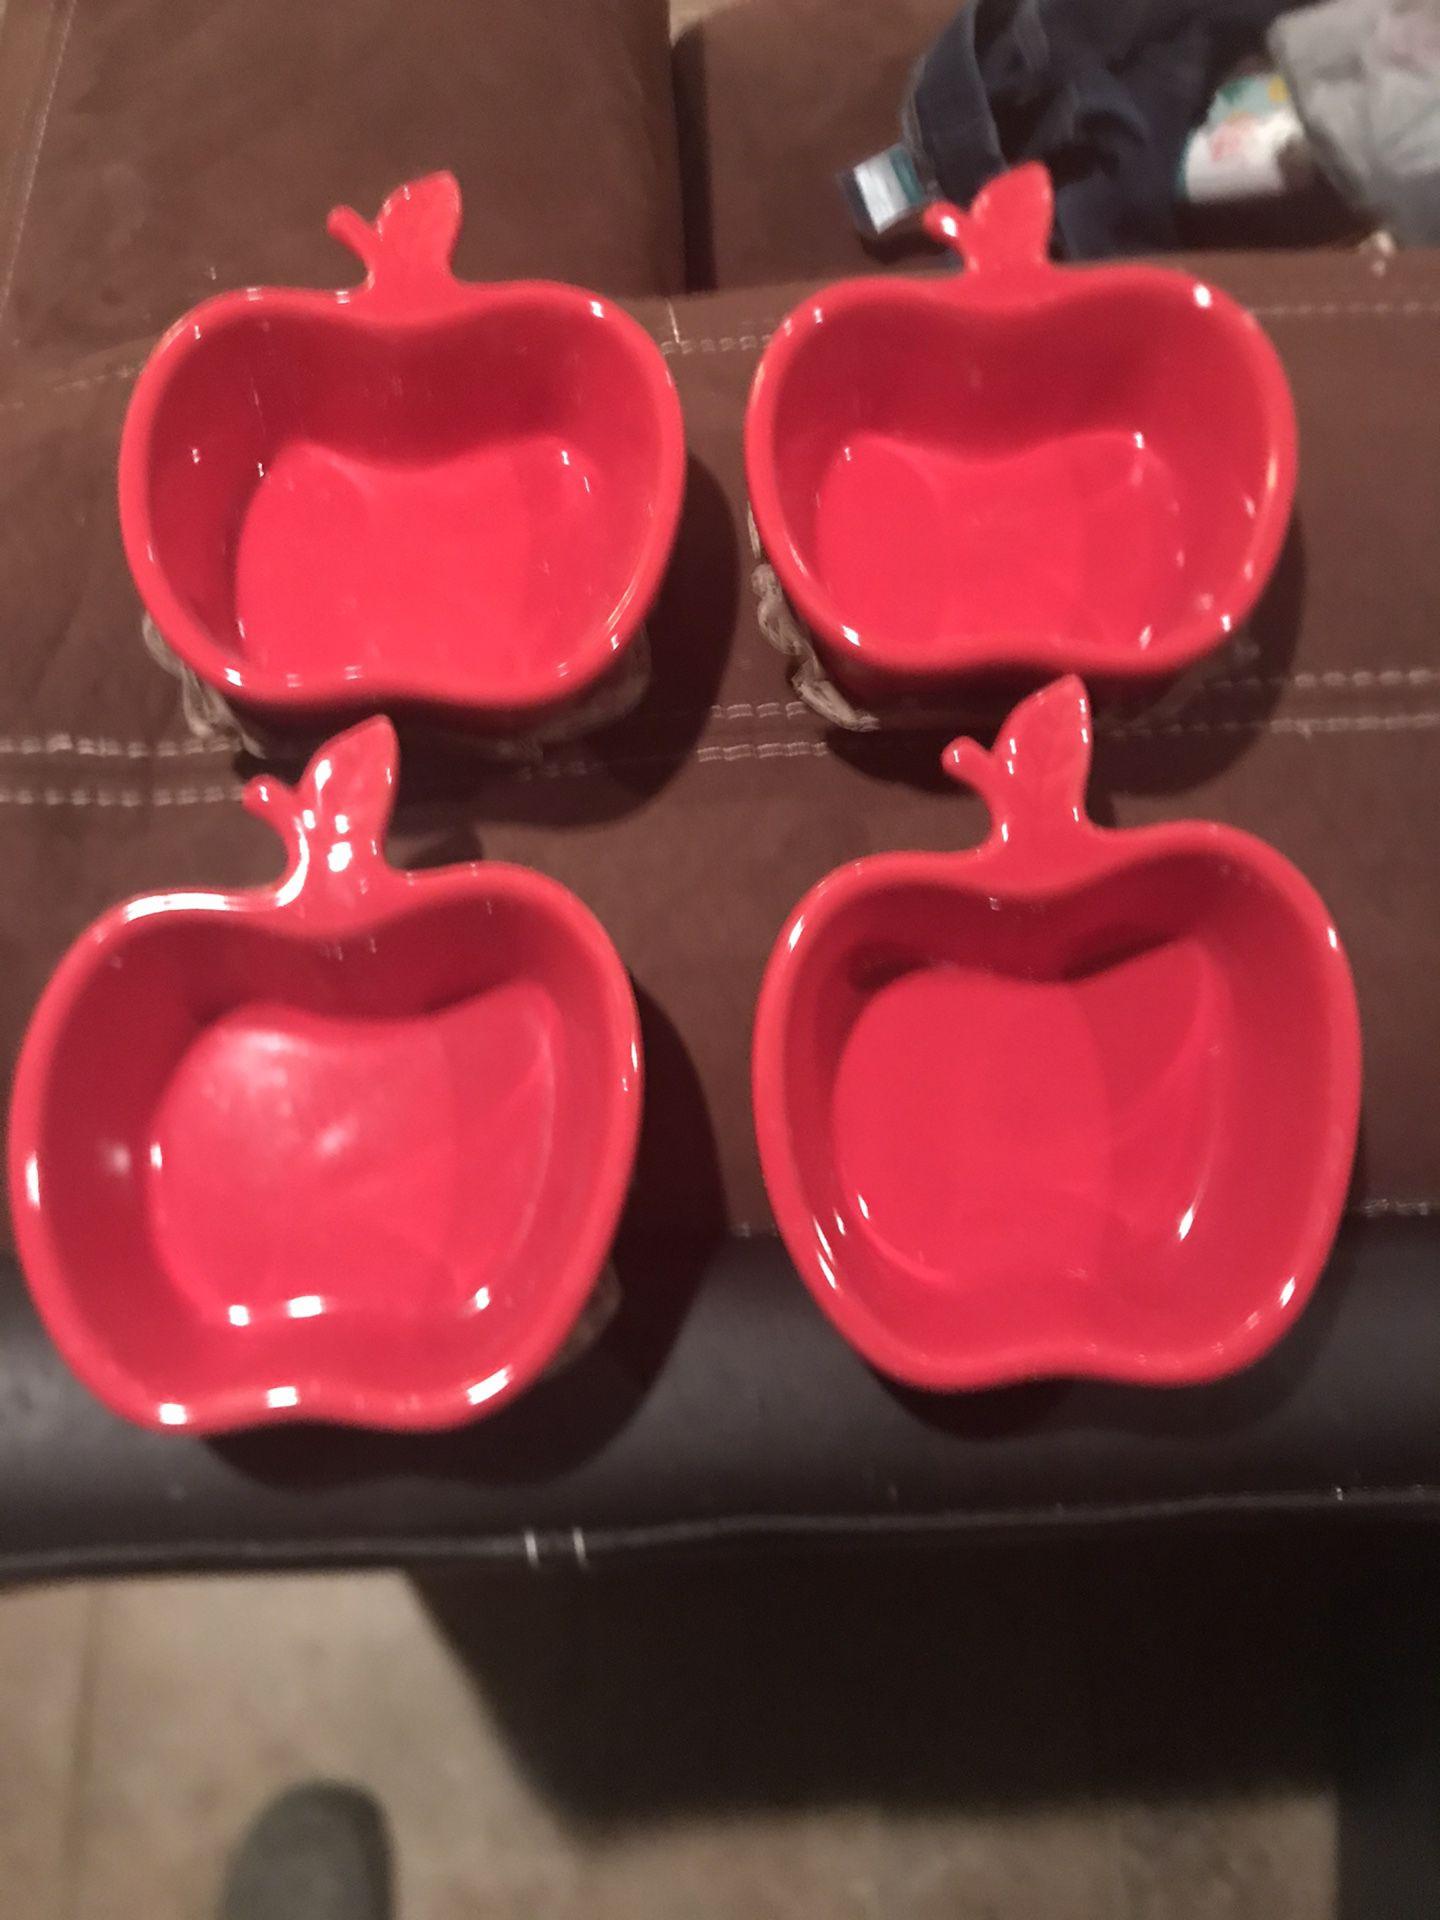 Apple Shaped Ramekins